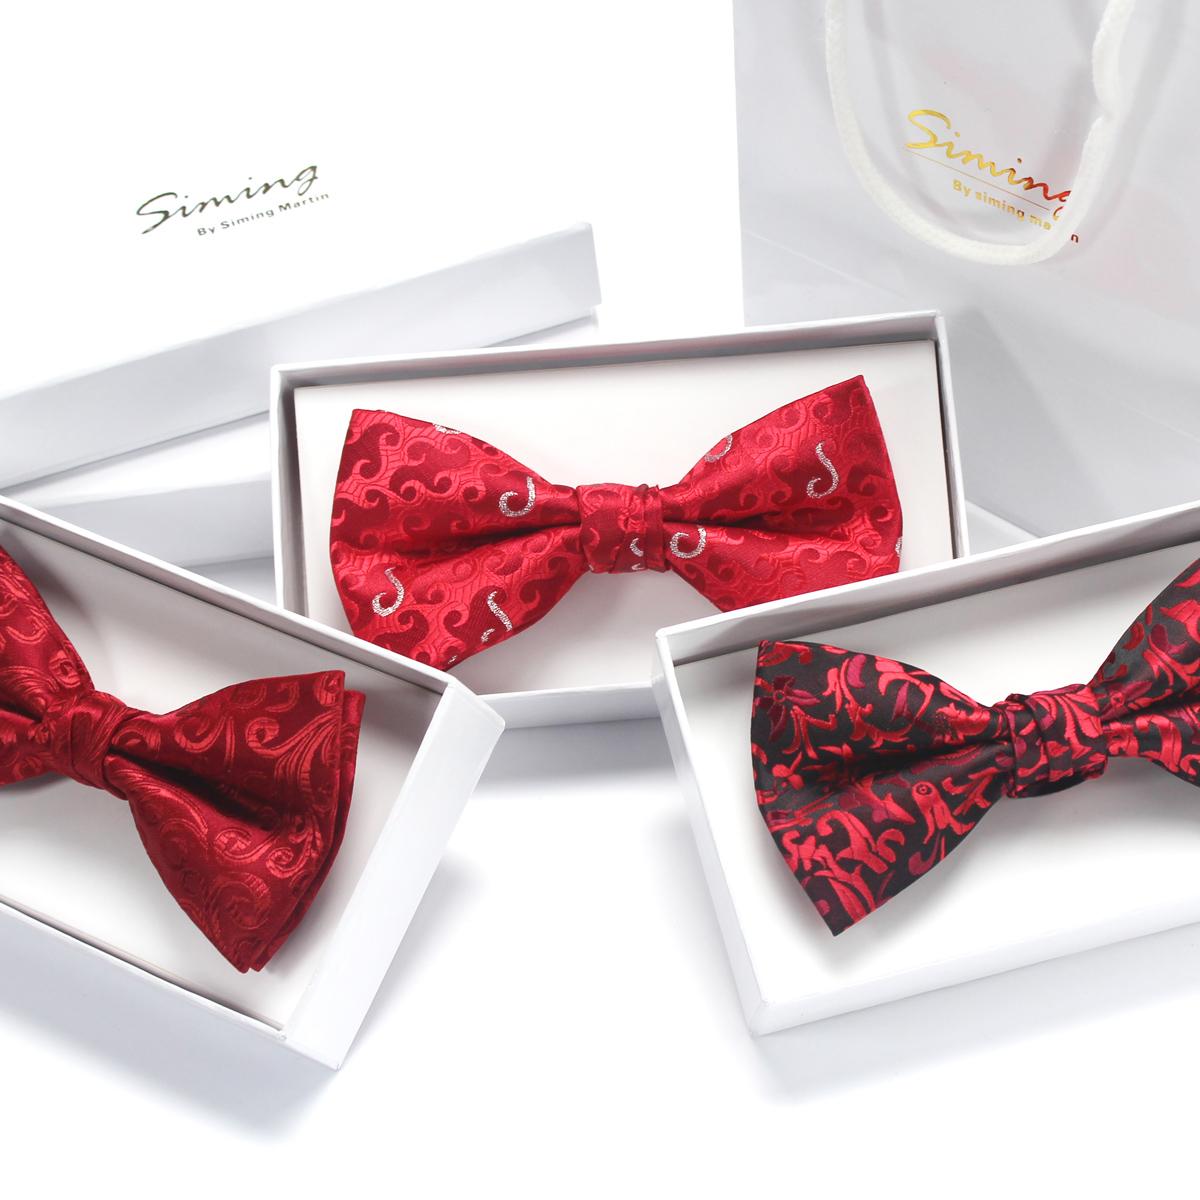 Как завязывать галстук на свадьбу жениху